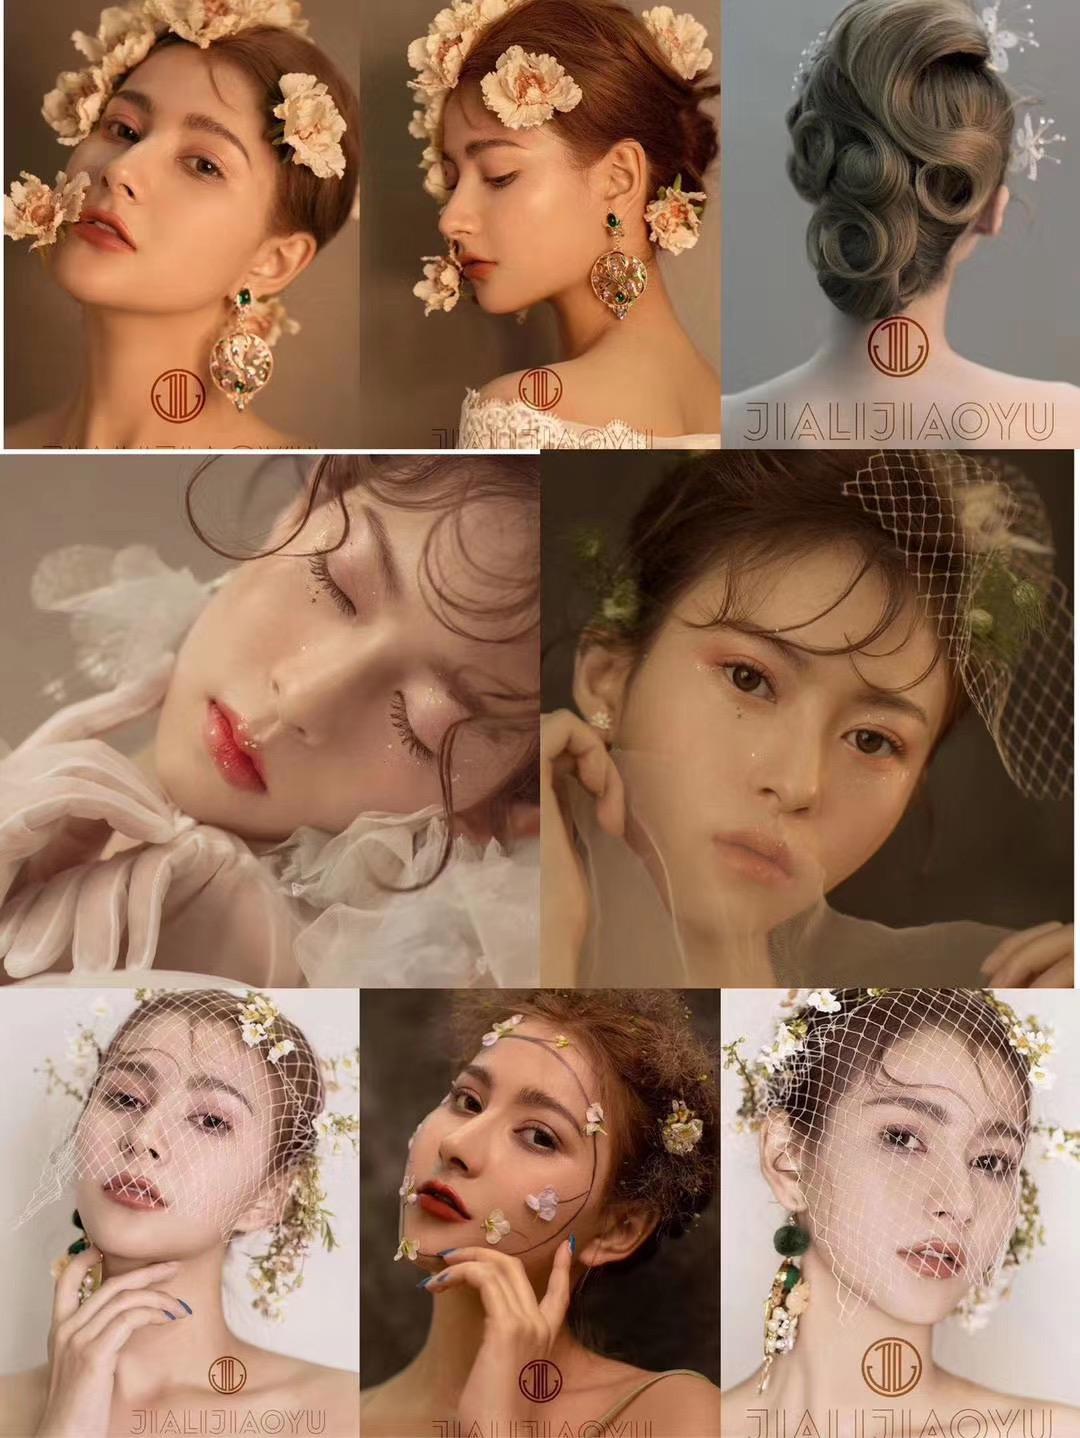 为什么学化妆,学化妆去哪里,应选择什么化妆学校